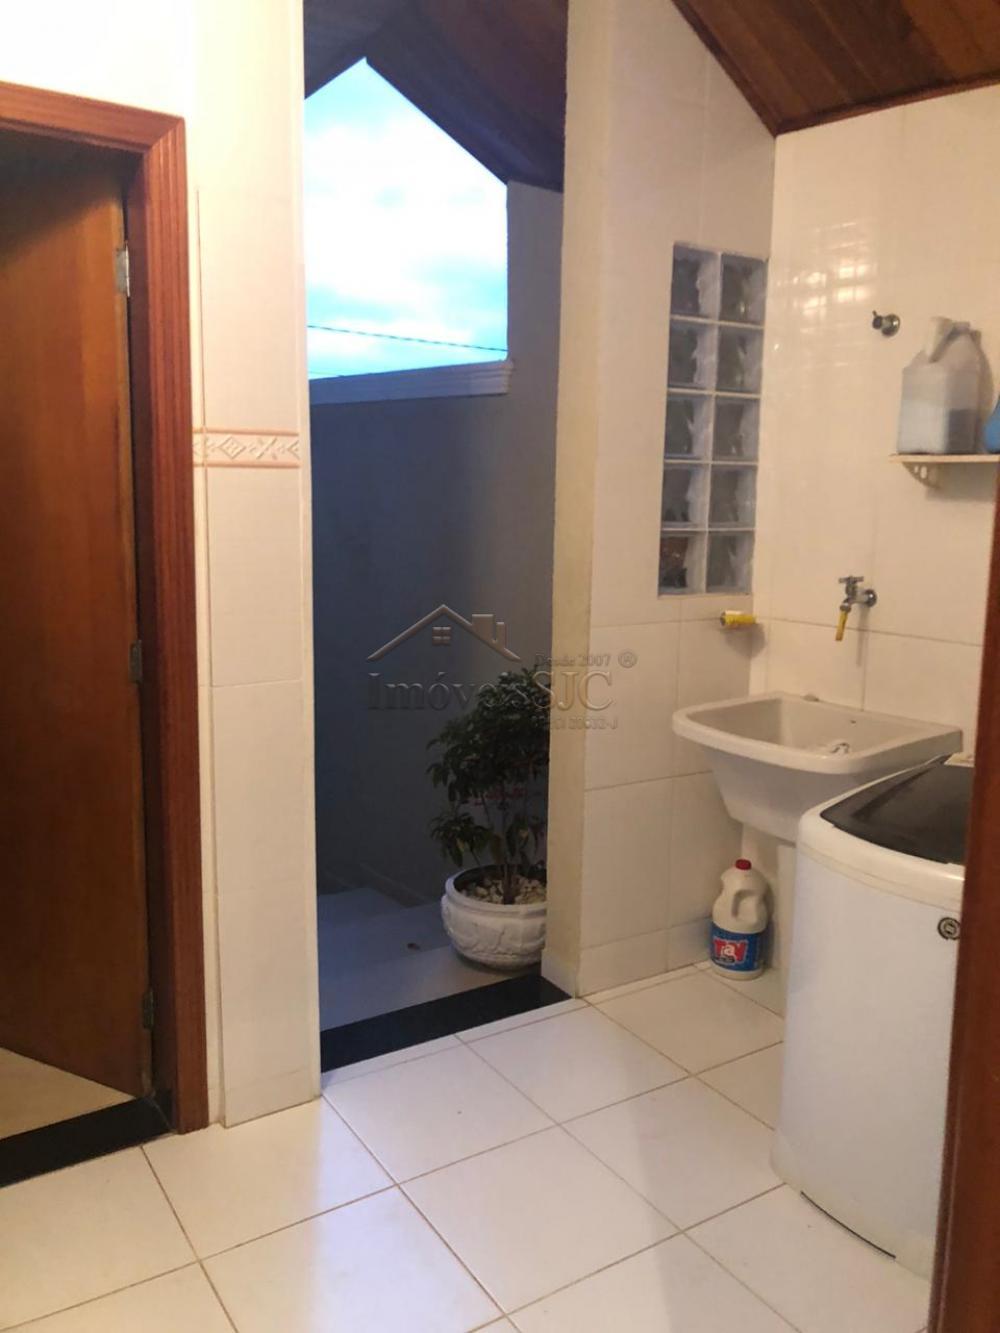 Comprar Casas / Condomínio em São José dos Campos apenas R$ 850.000,00 - Foto 21